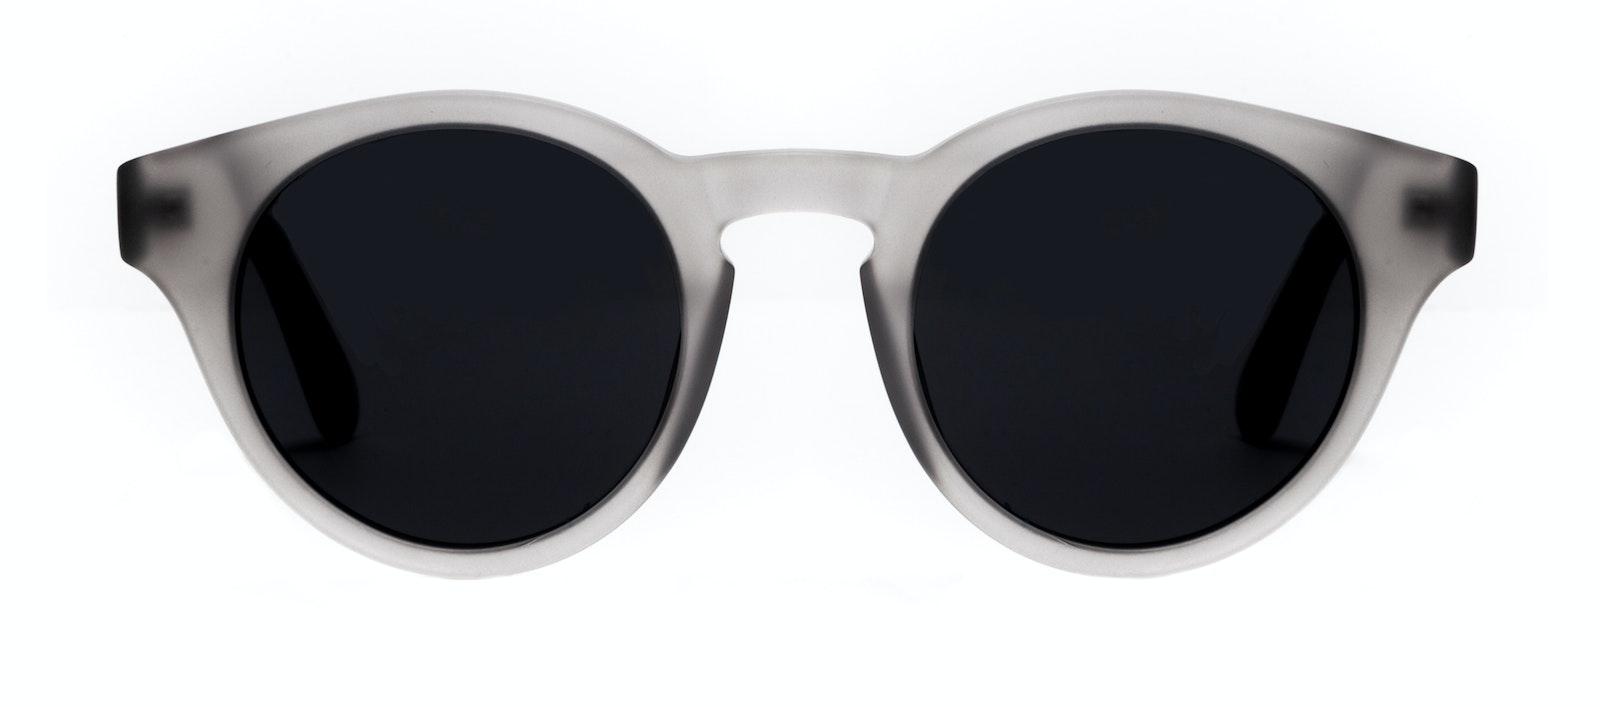 0f6377d648e5d Men s Sunglasses - Tokyo in Matt Smoke